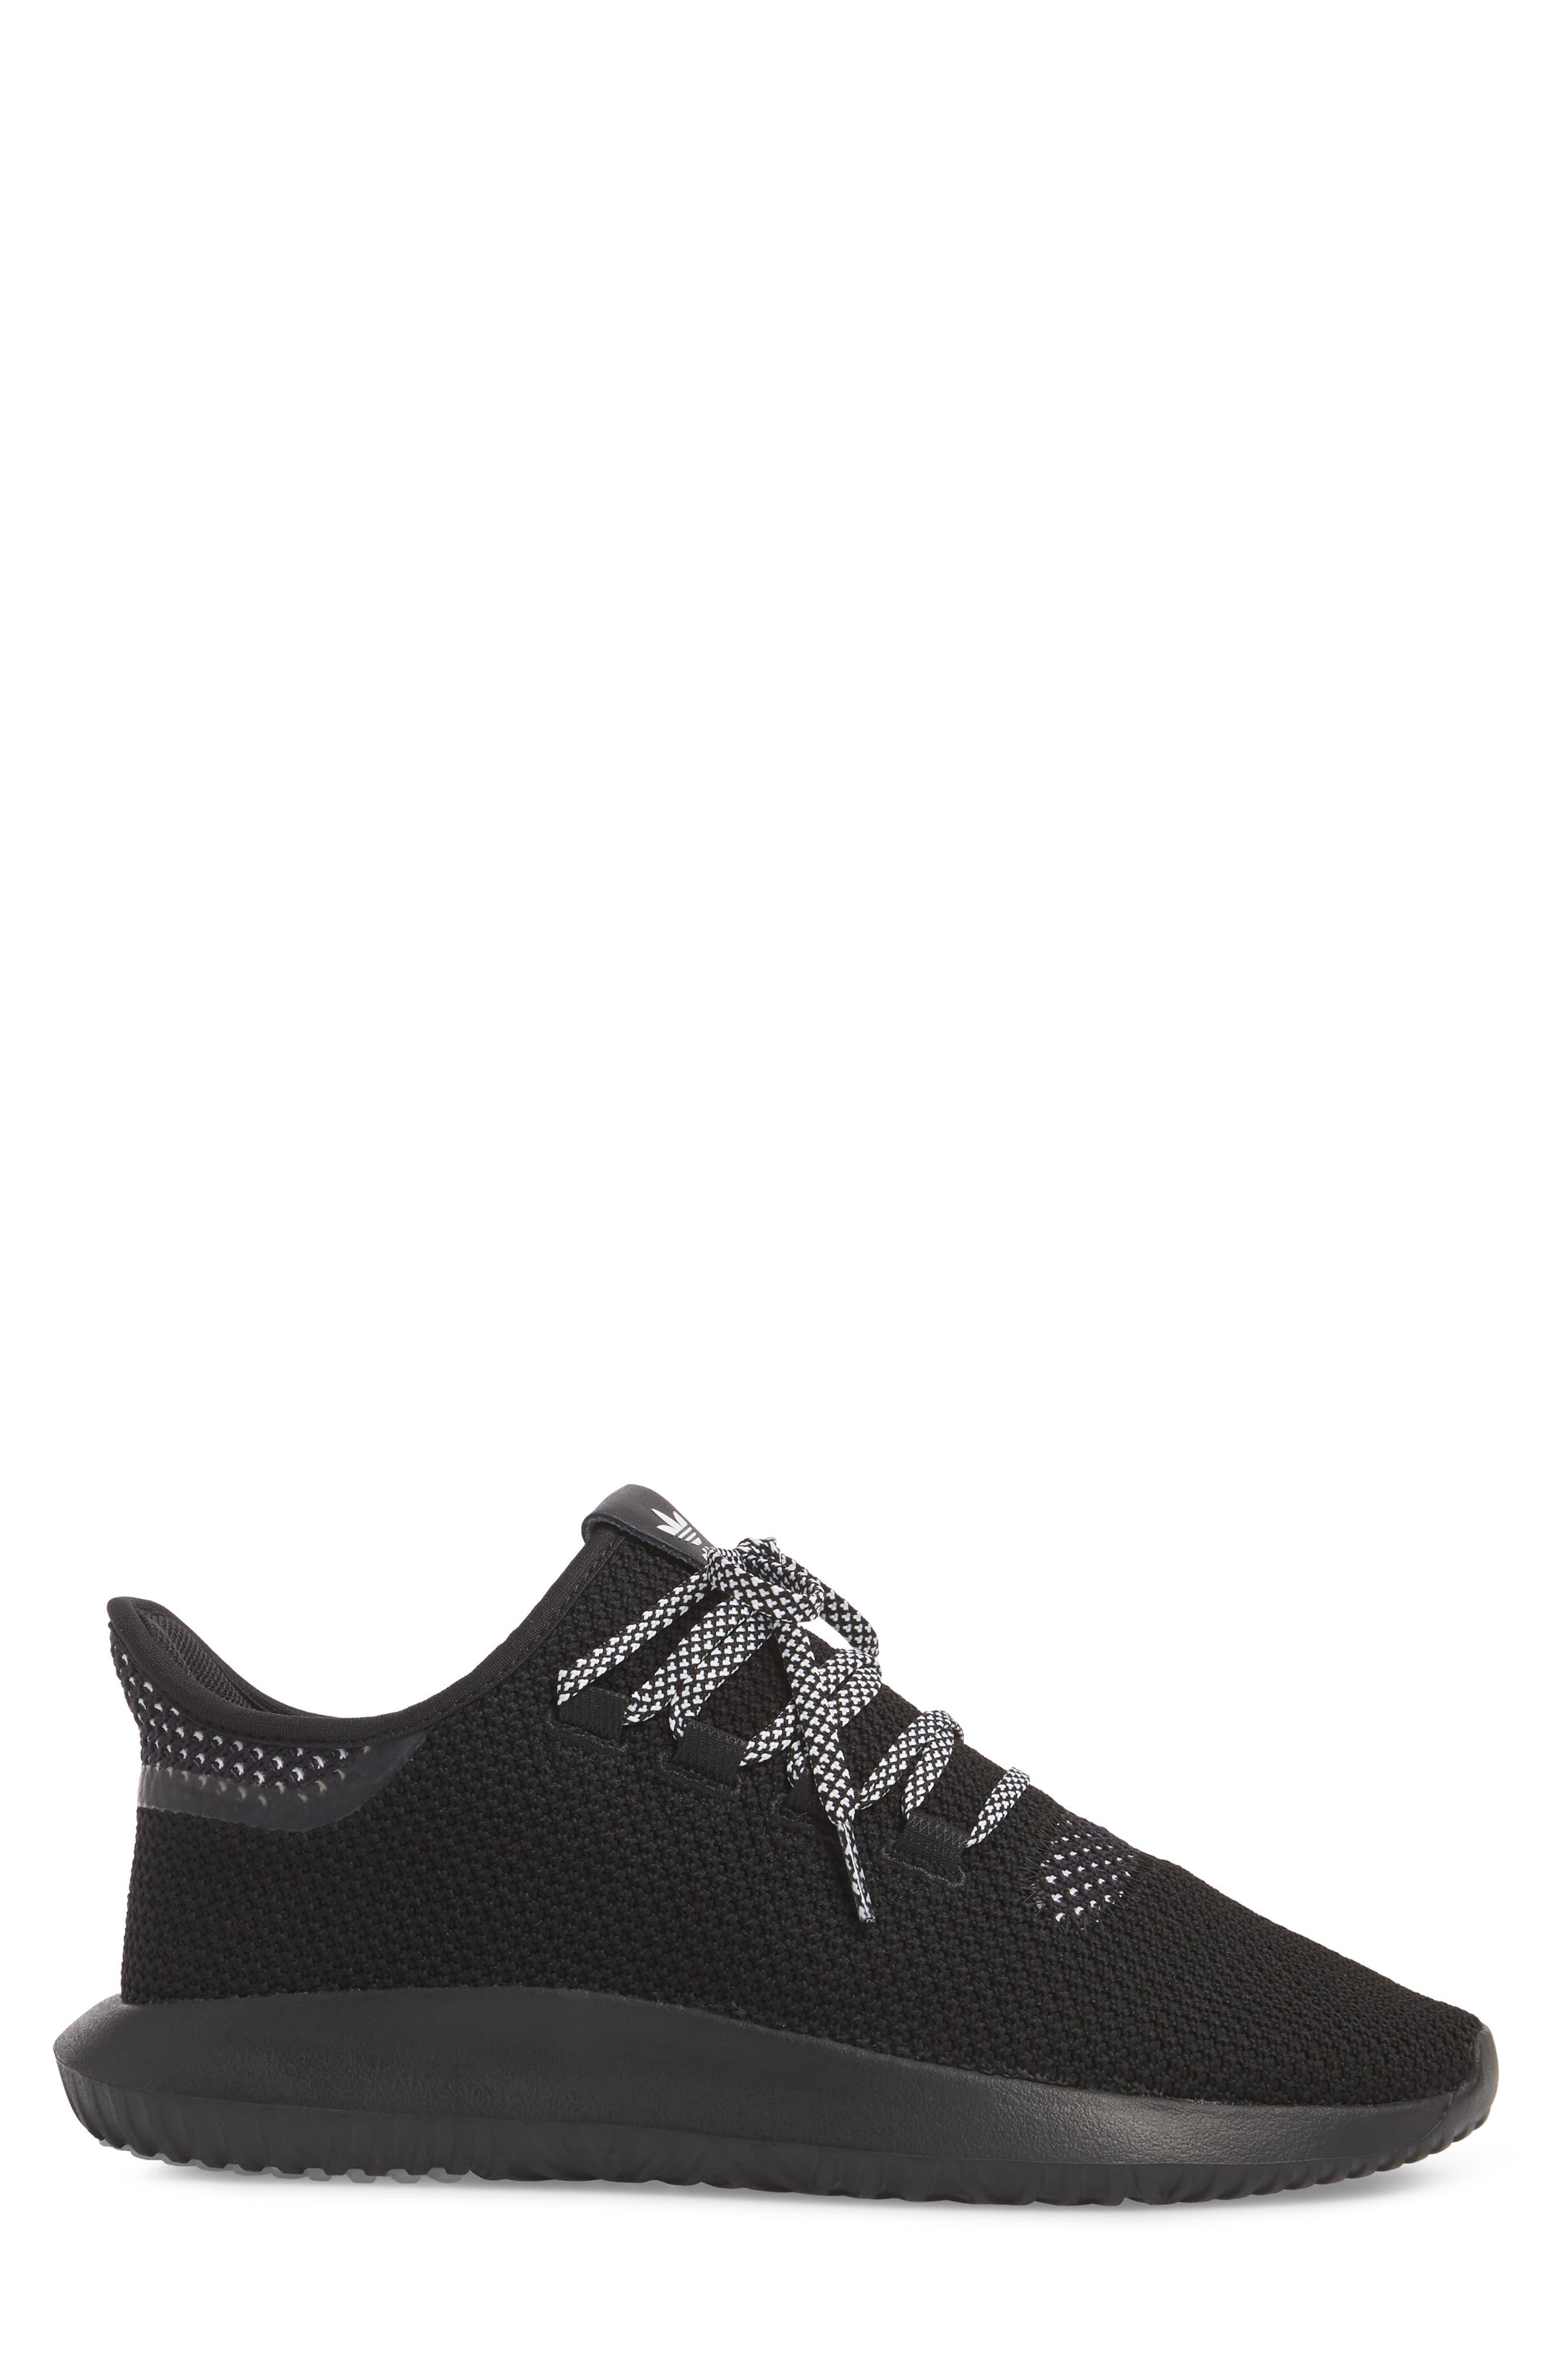 Alternate Image 3  - adidas Tubular Shadow CK Sneaker (Men)